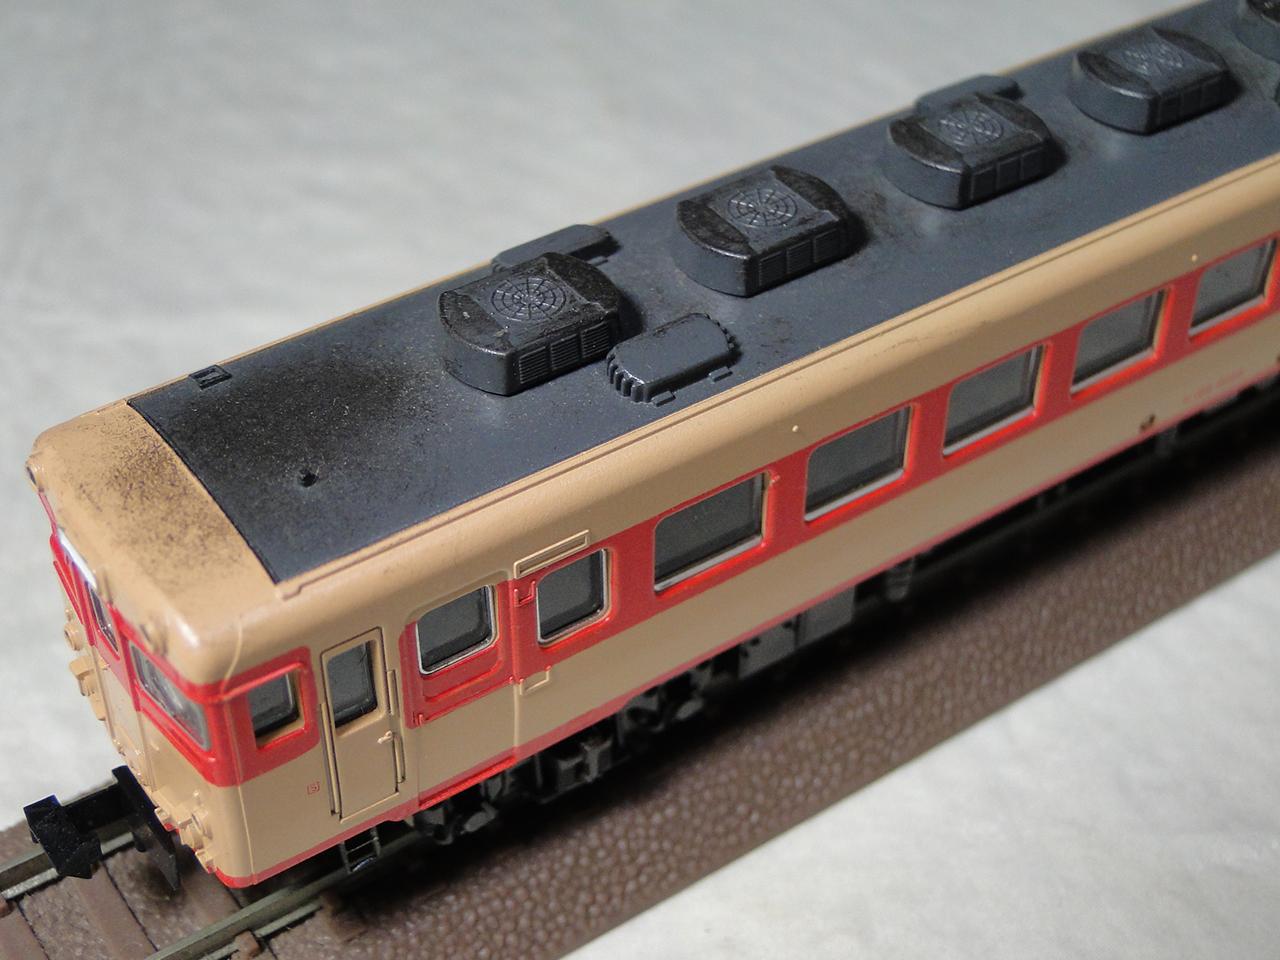 http://moritetsu.info/model-railway/img/DSC06340sssss.jpg